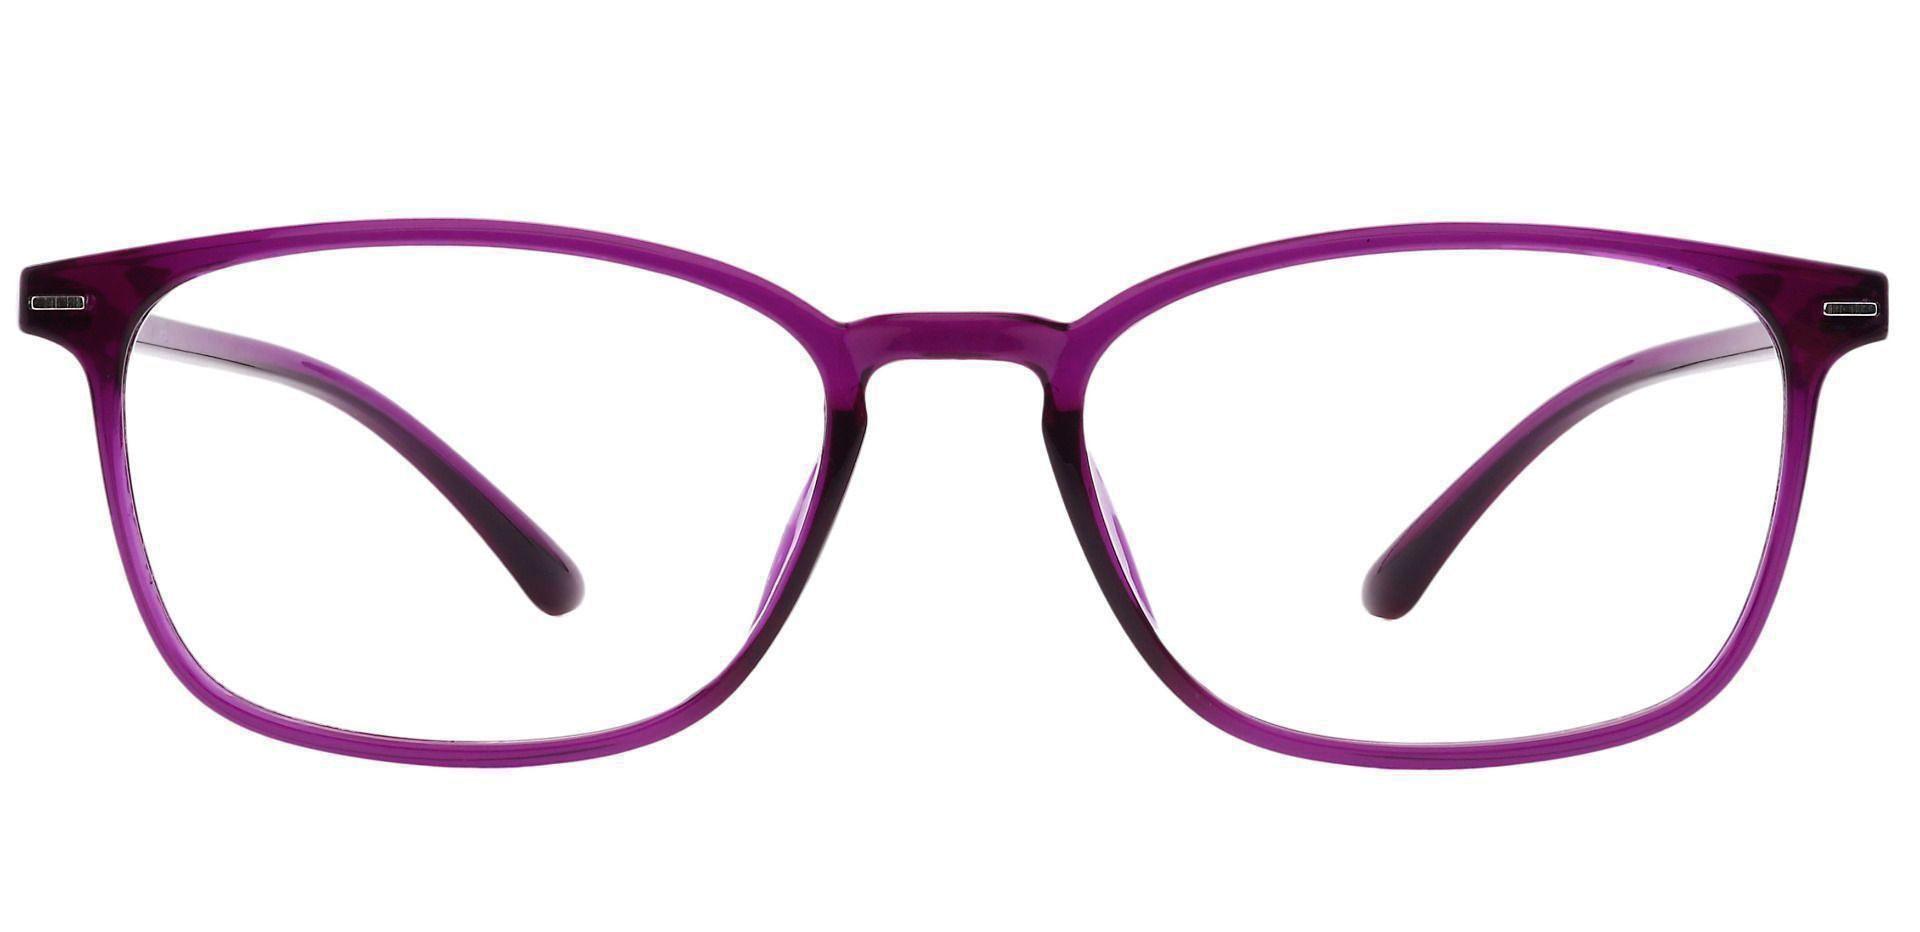 Cabo Oval Non-Rx Glasses - Grape